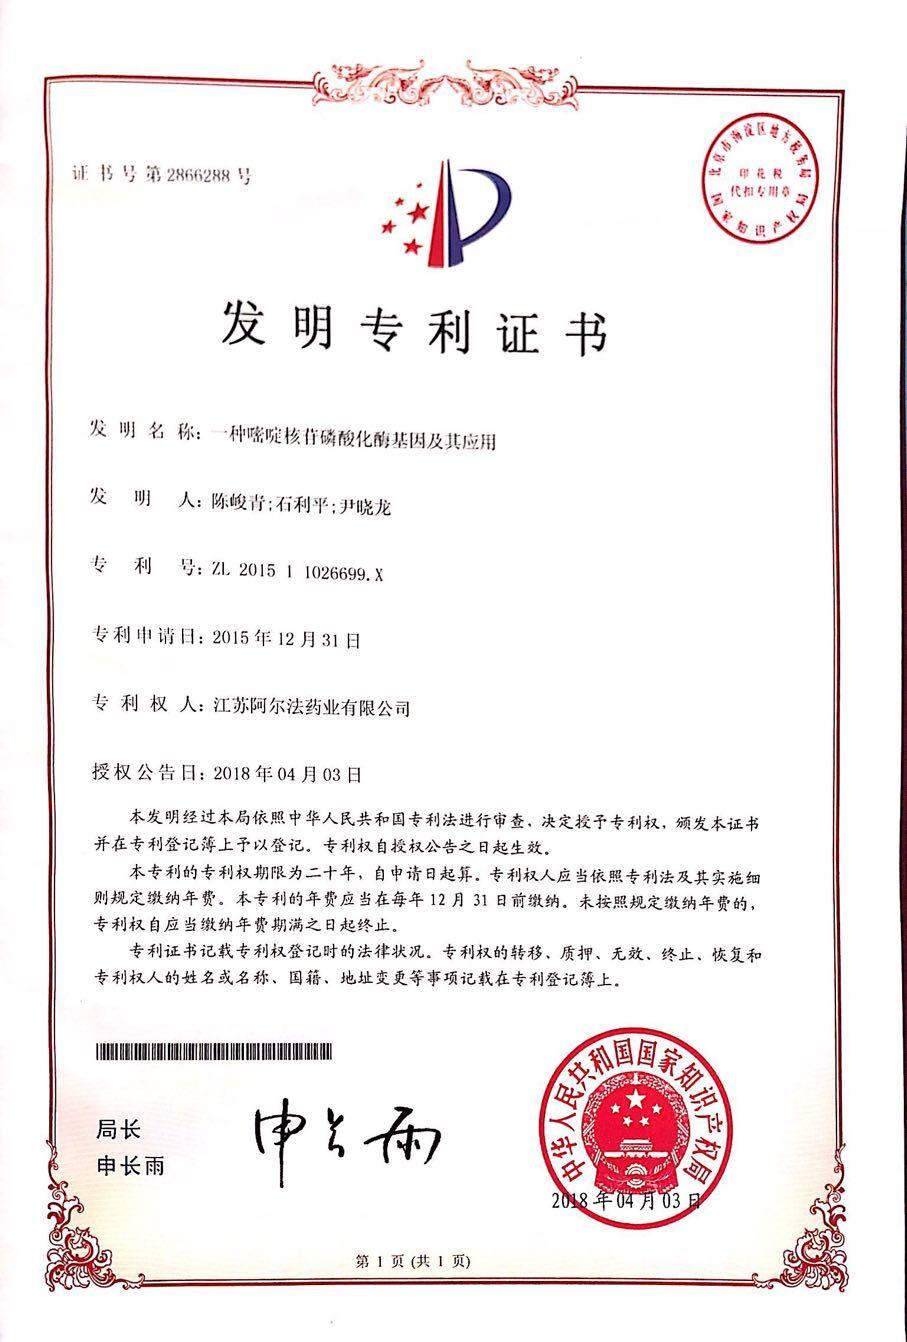 榮譽-專利-21.一種嘧啶核苷磷酸化酶基因及其應用